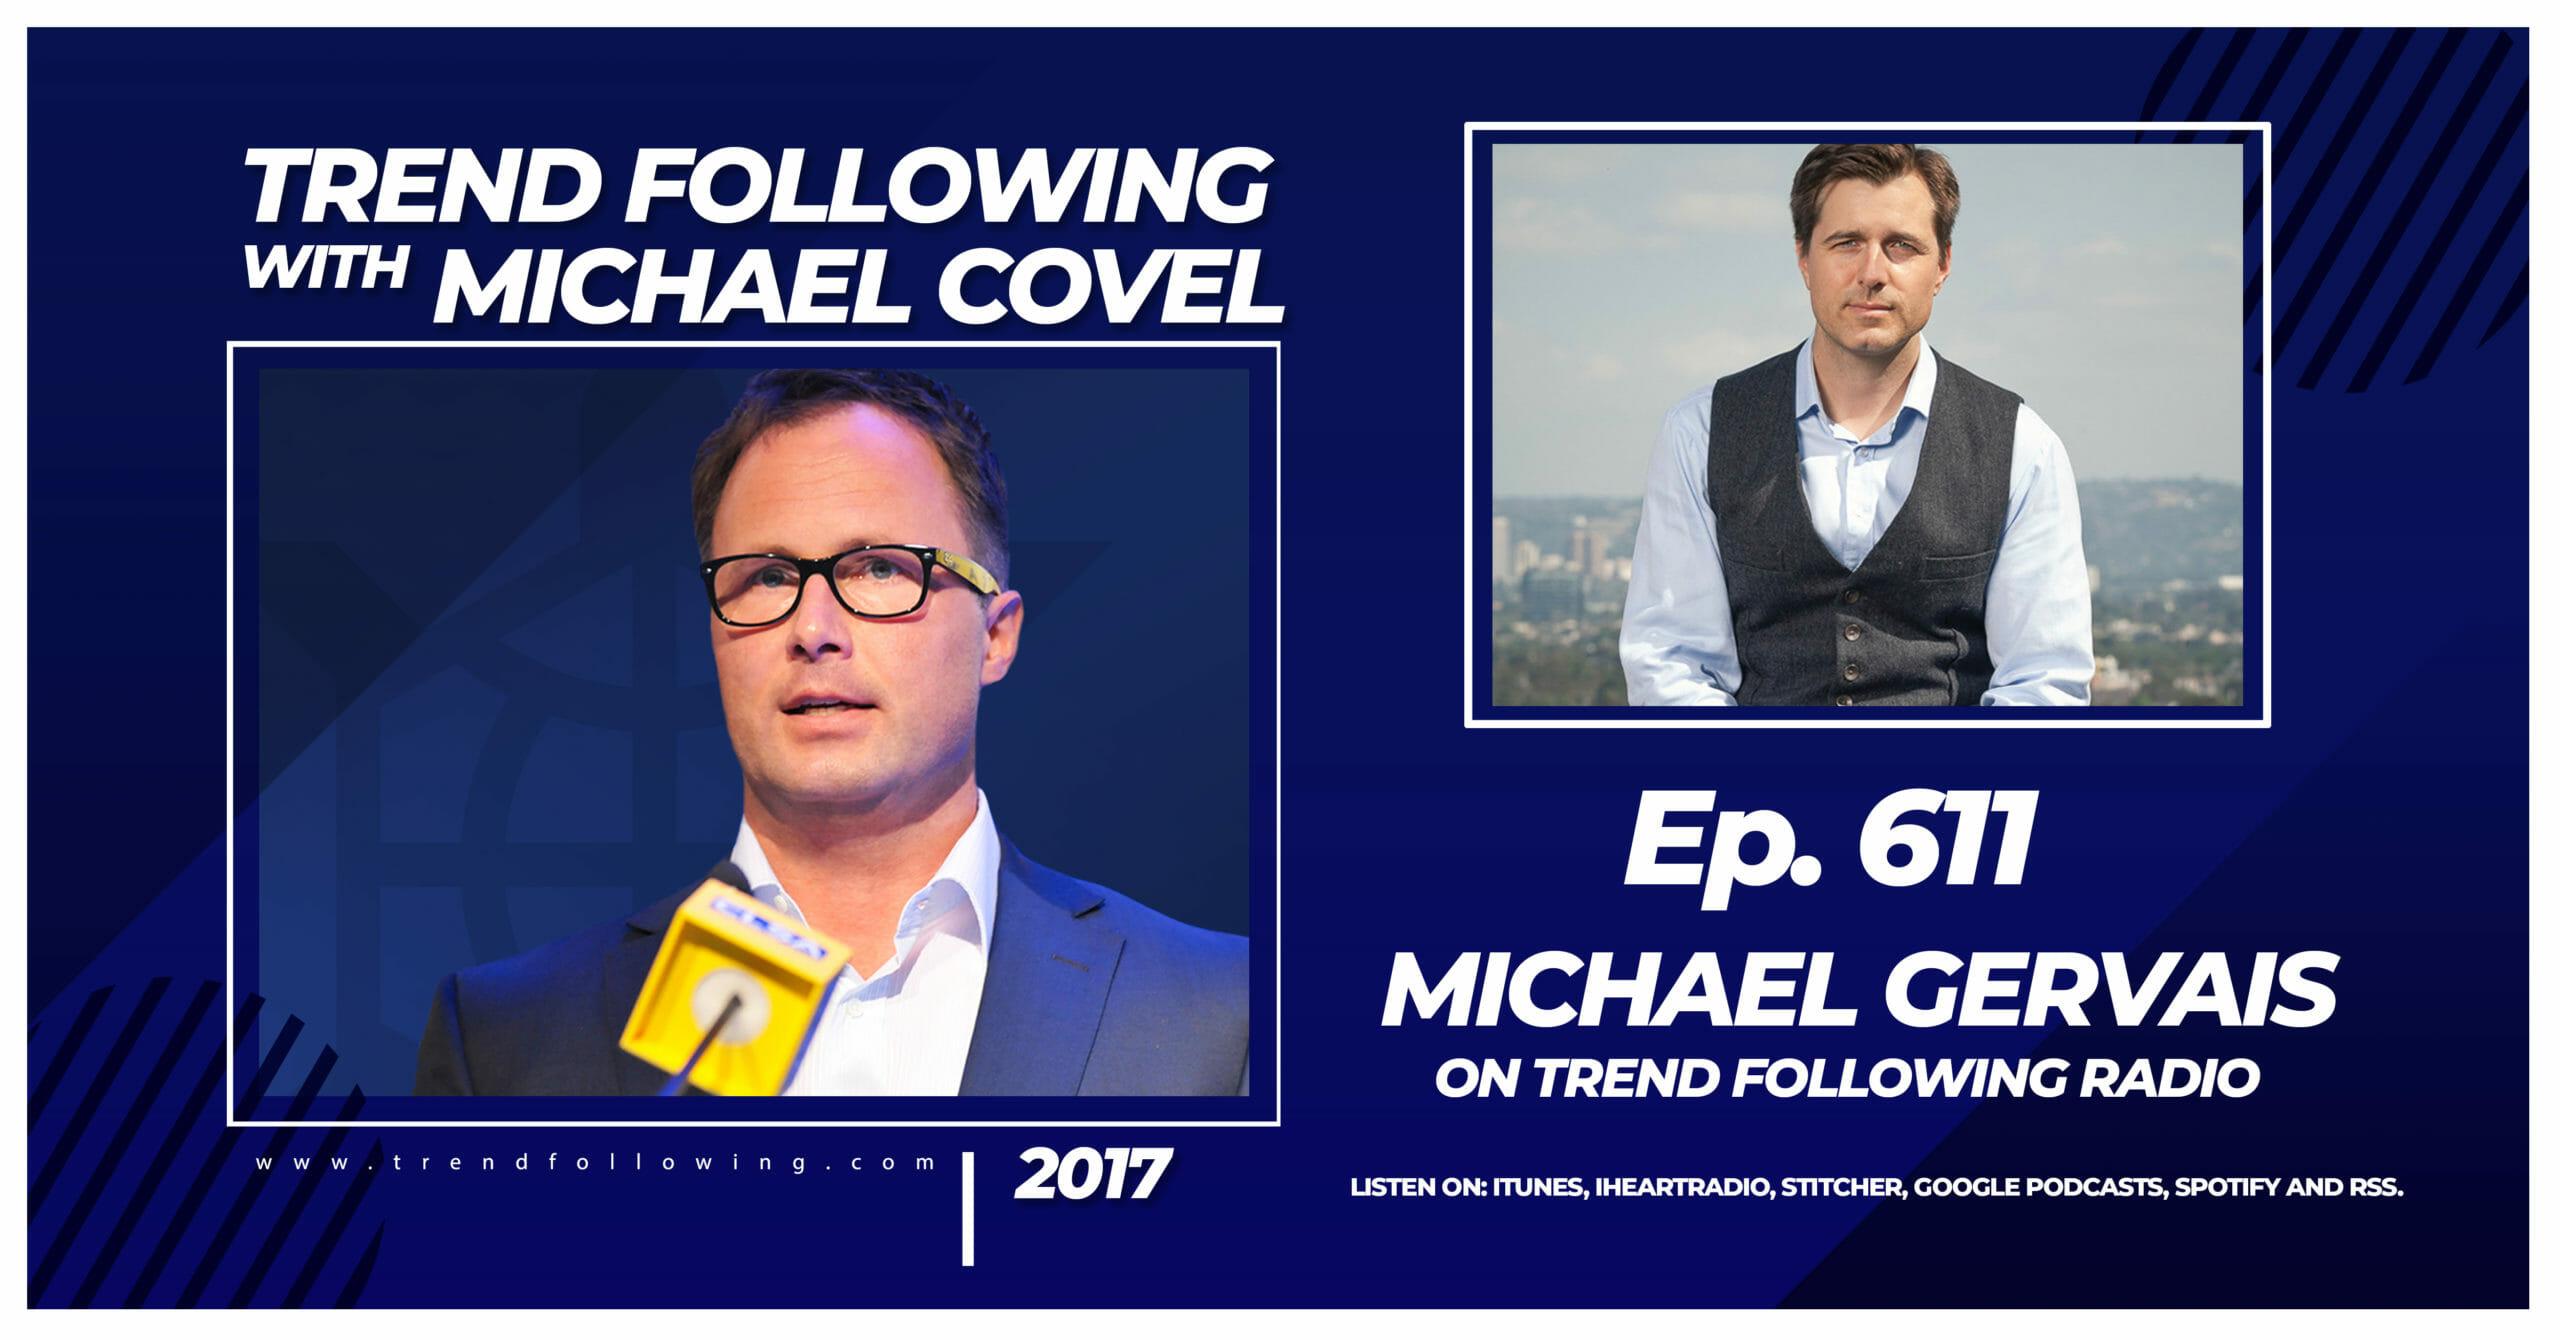 Michael Gervais